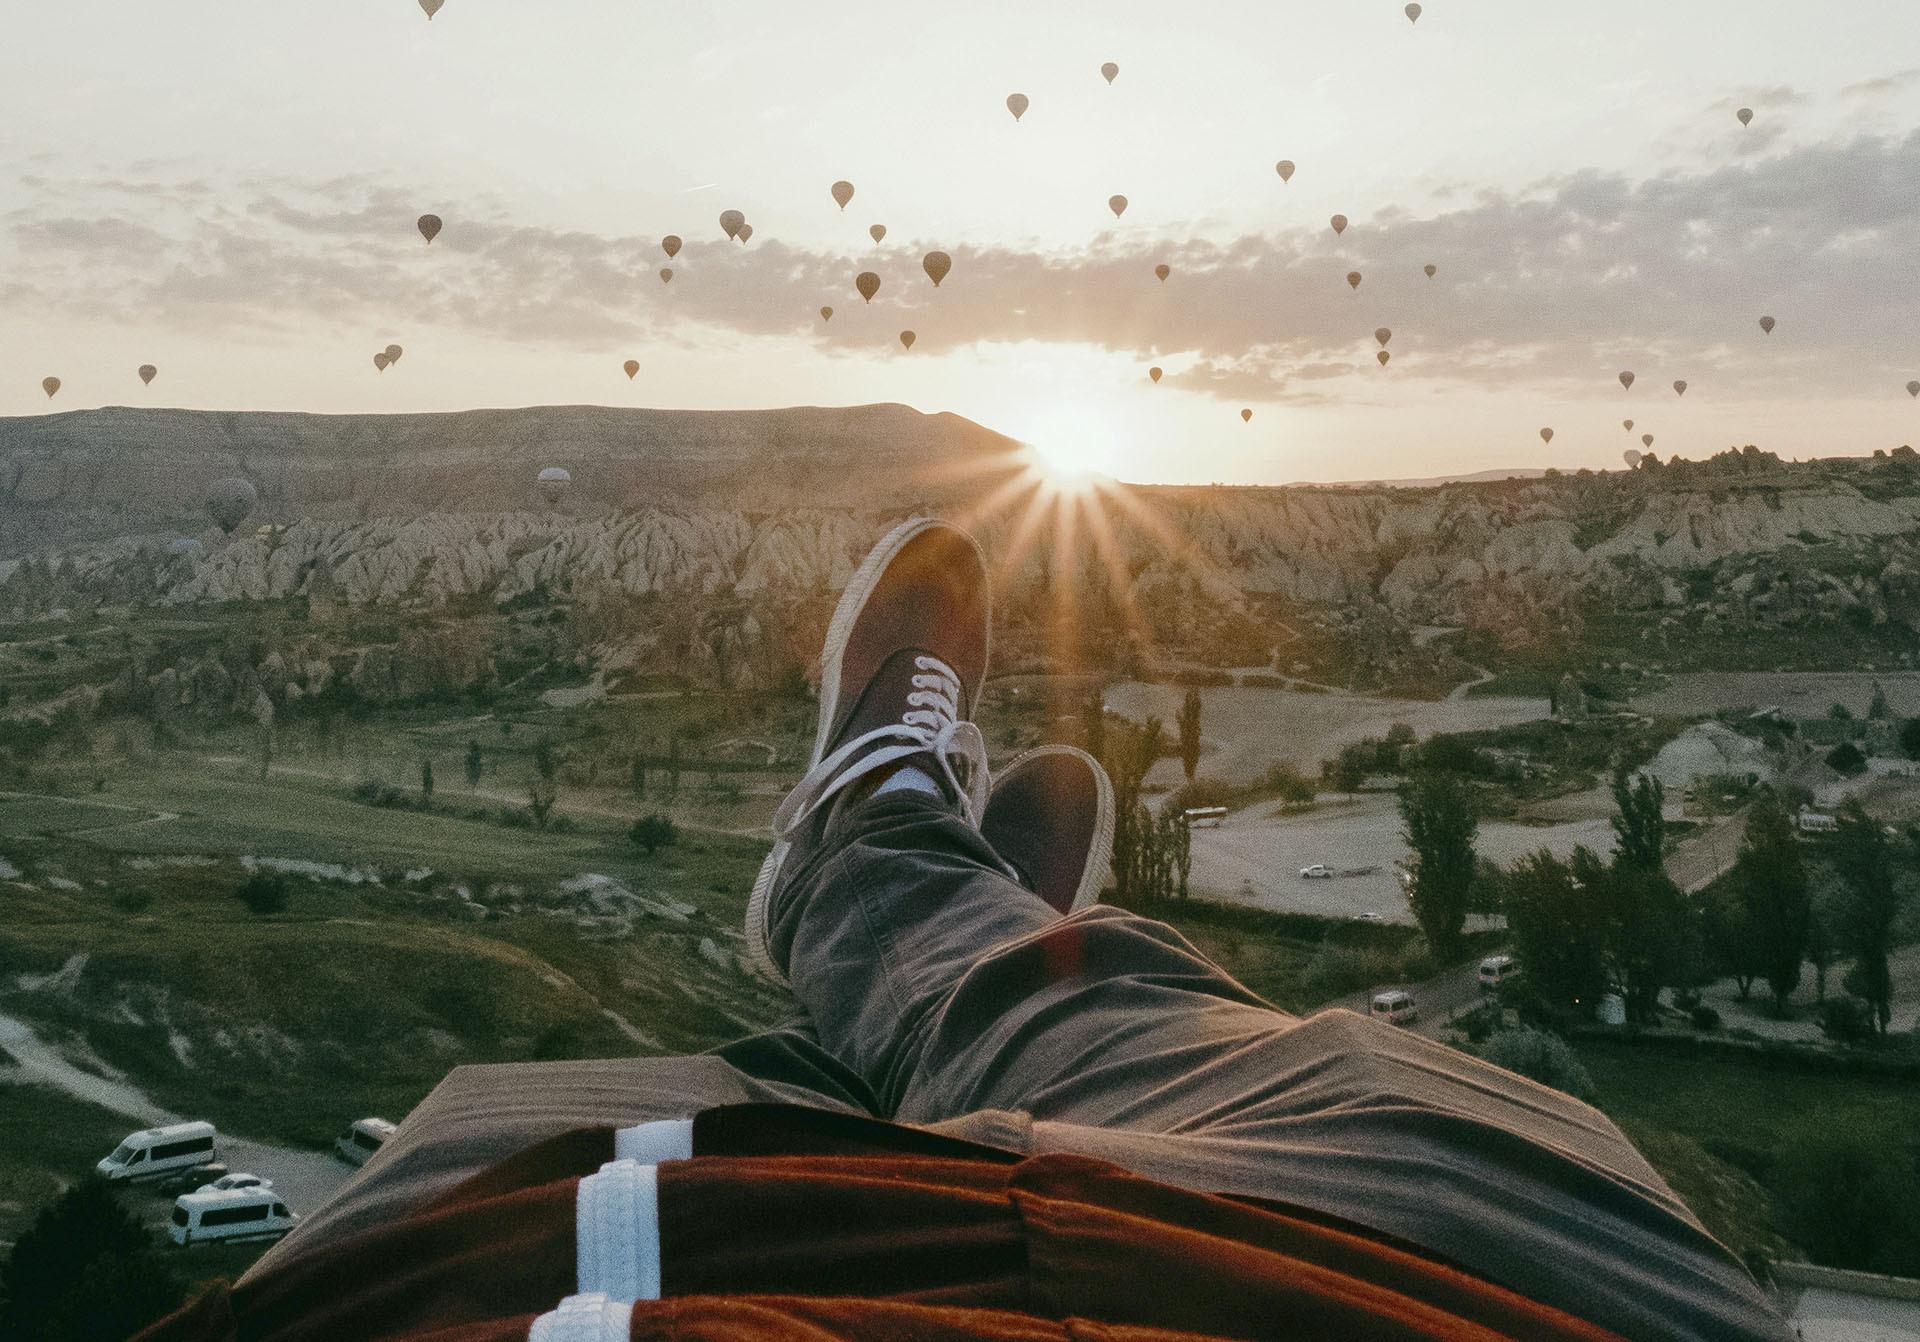 Share a Balloon ride - Economy